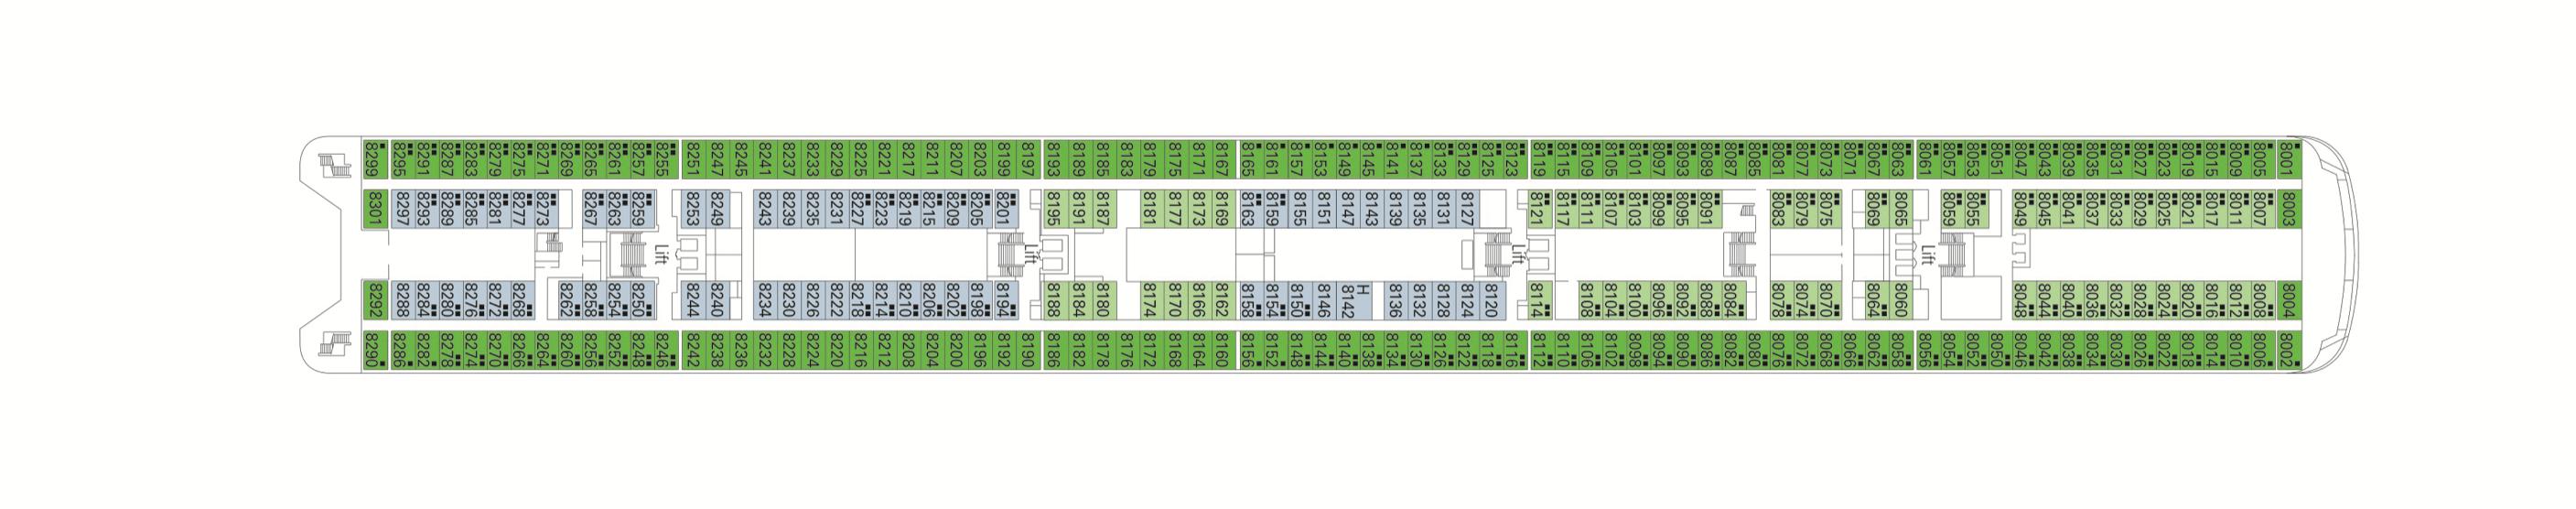 MSC Lirica Class Armonia Deck 8.jpg